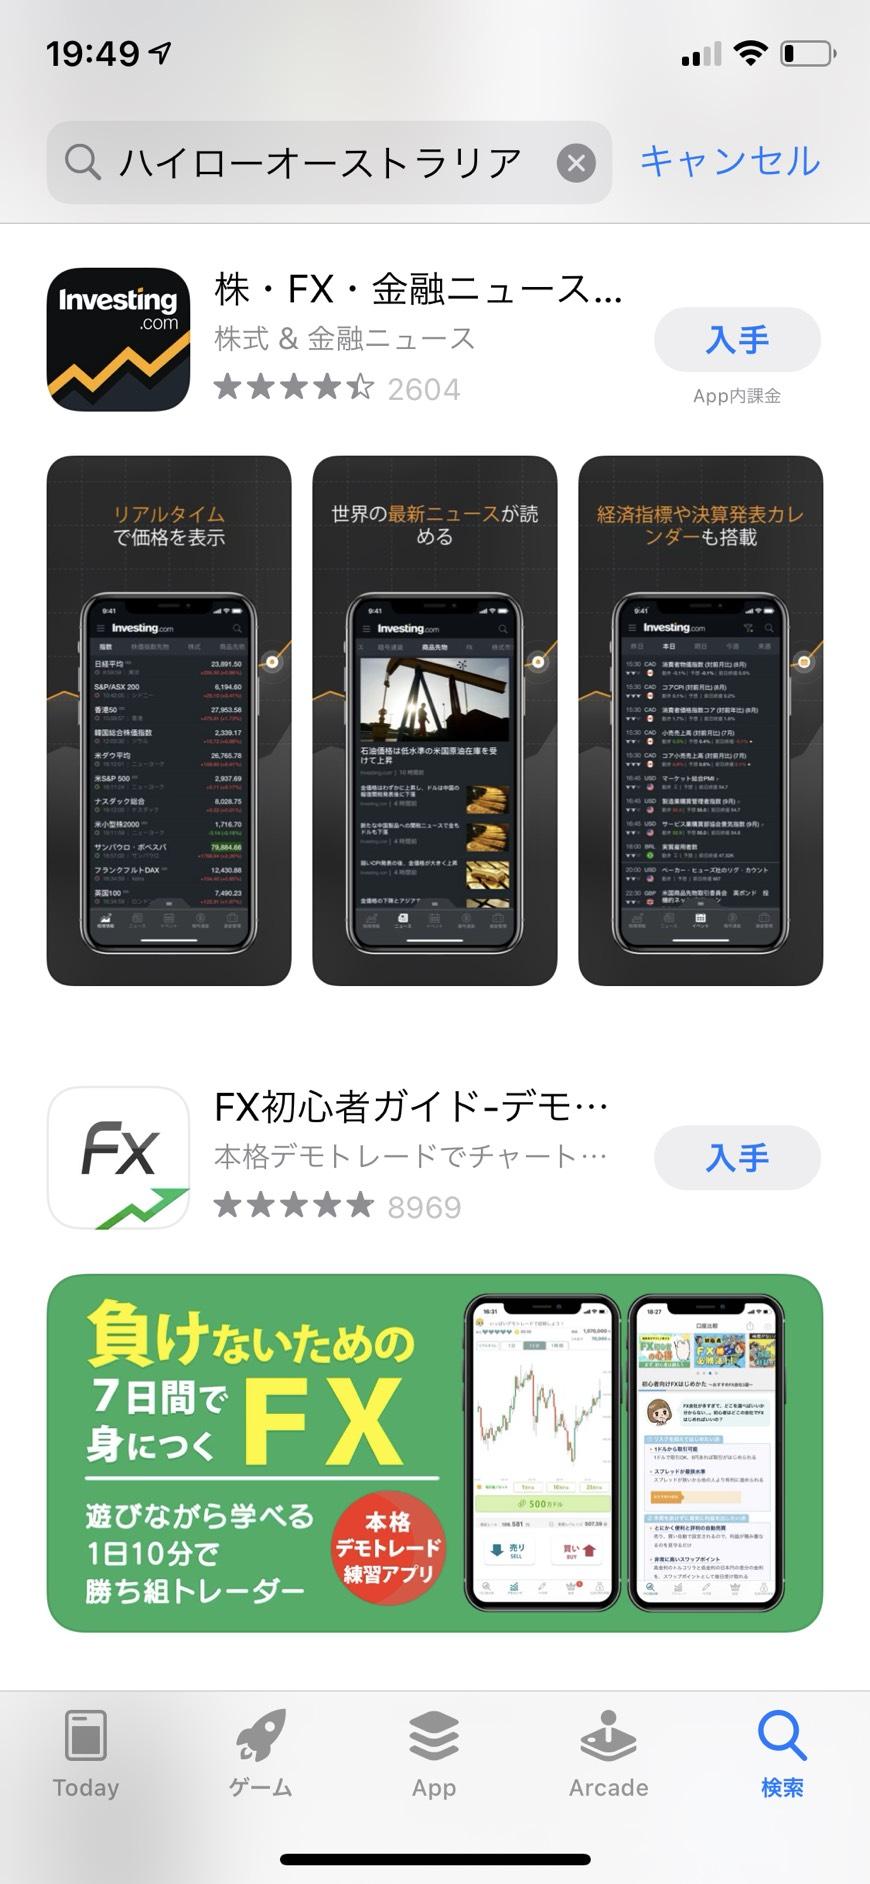 バイナリーオプションのアプリがない